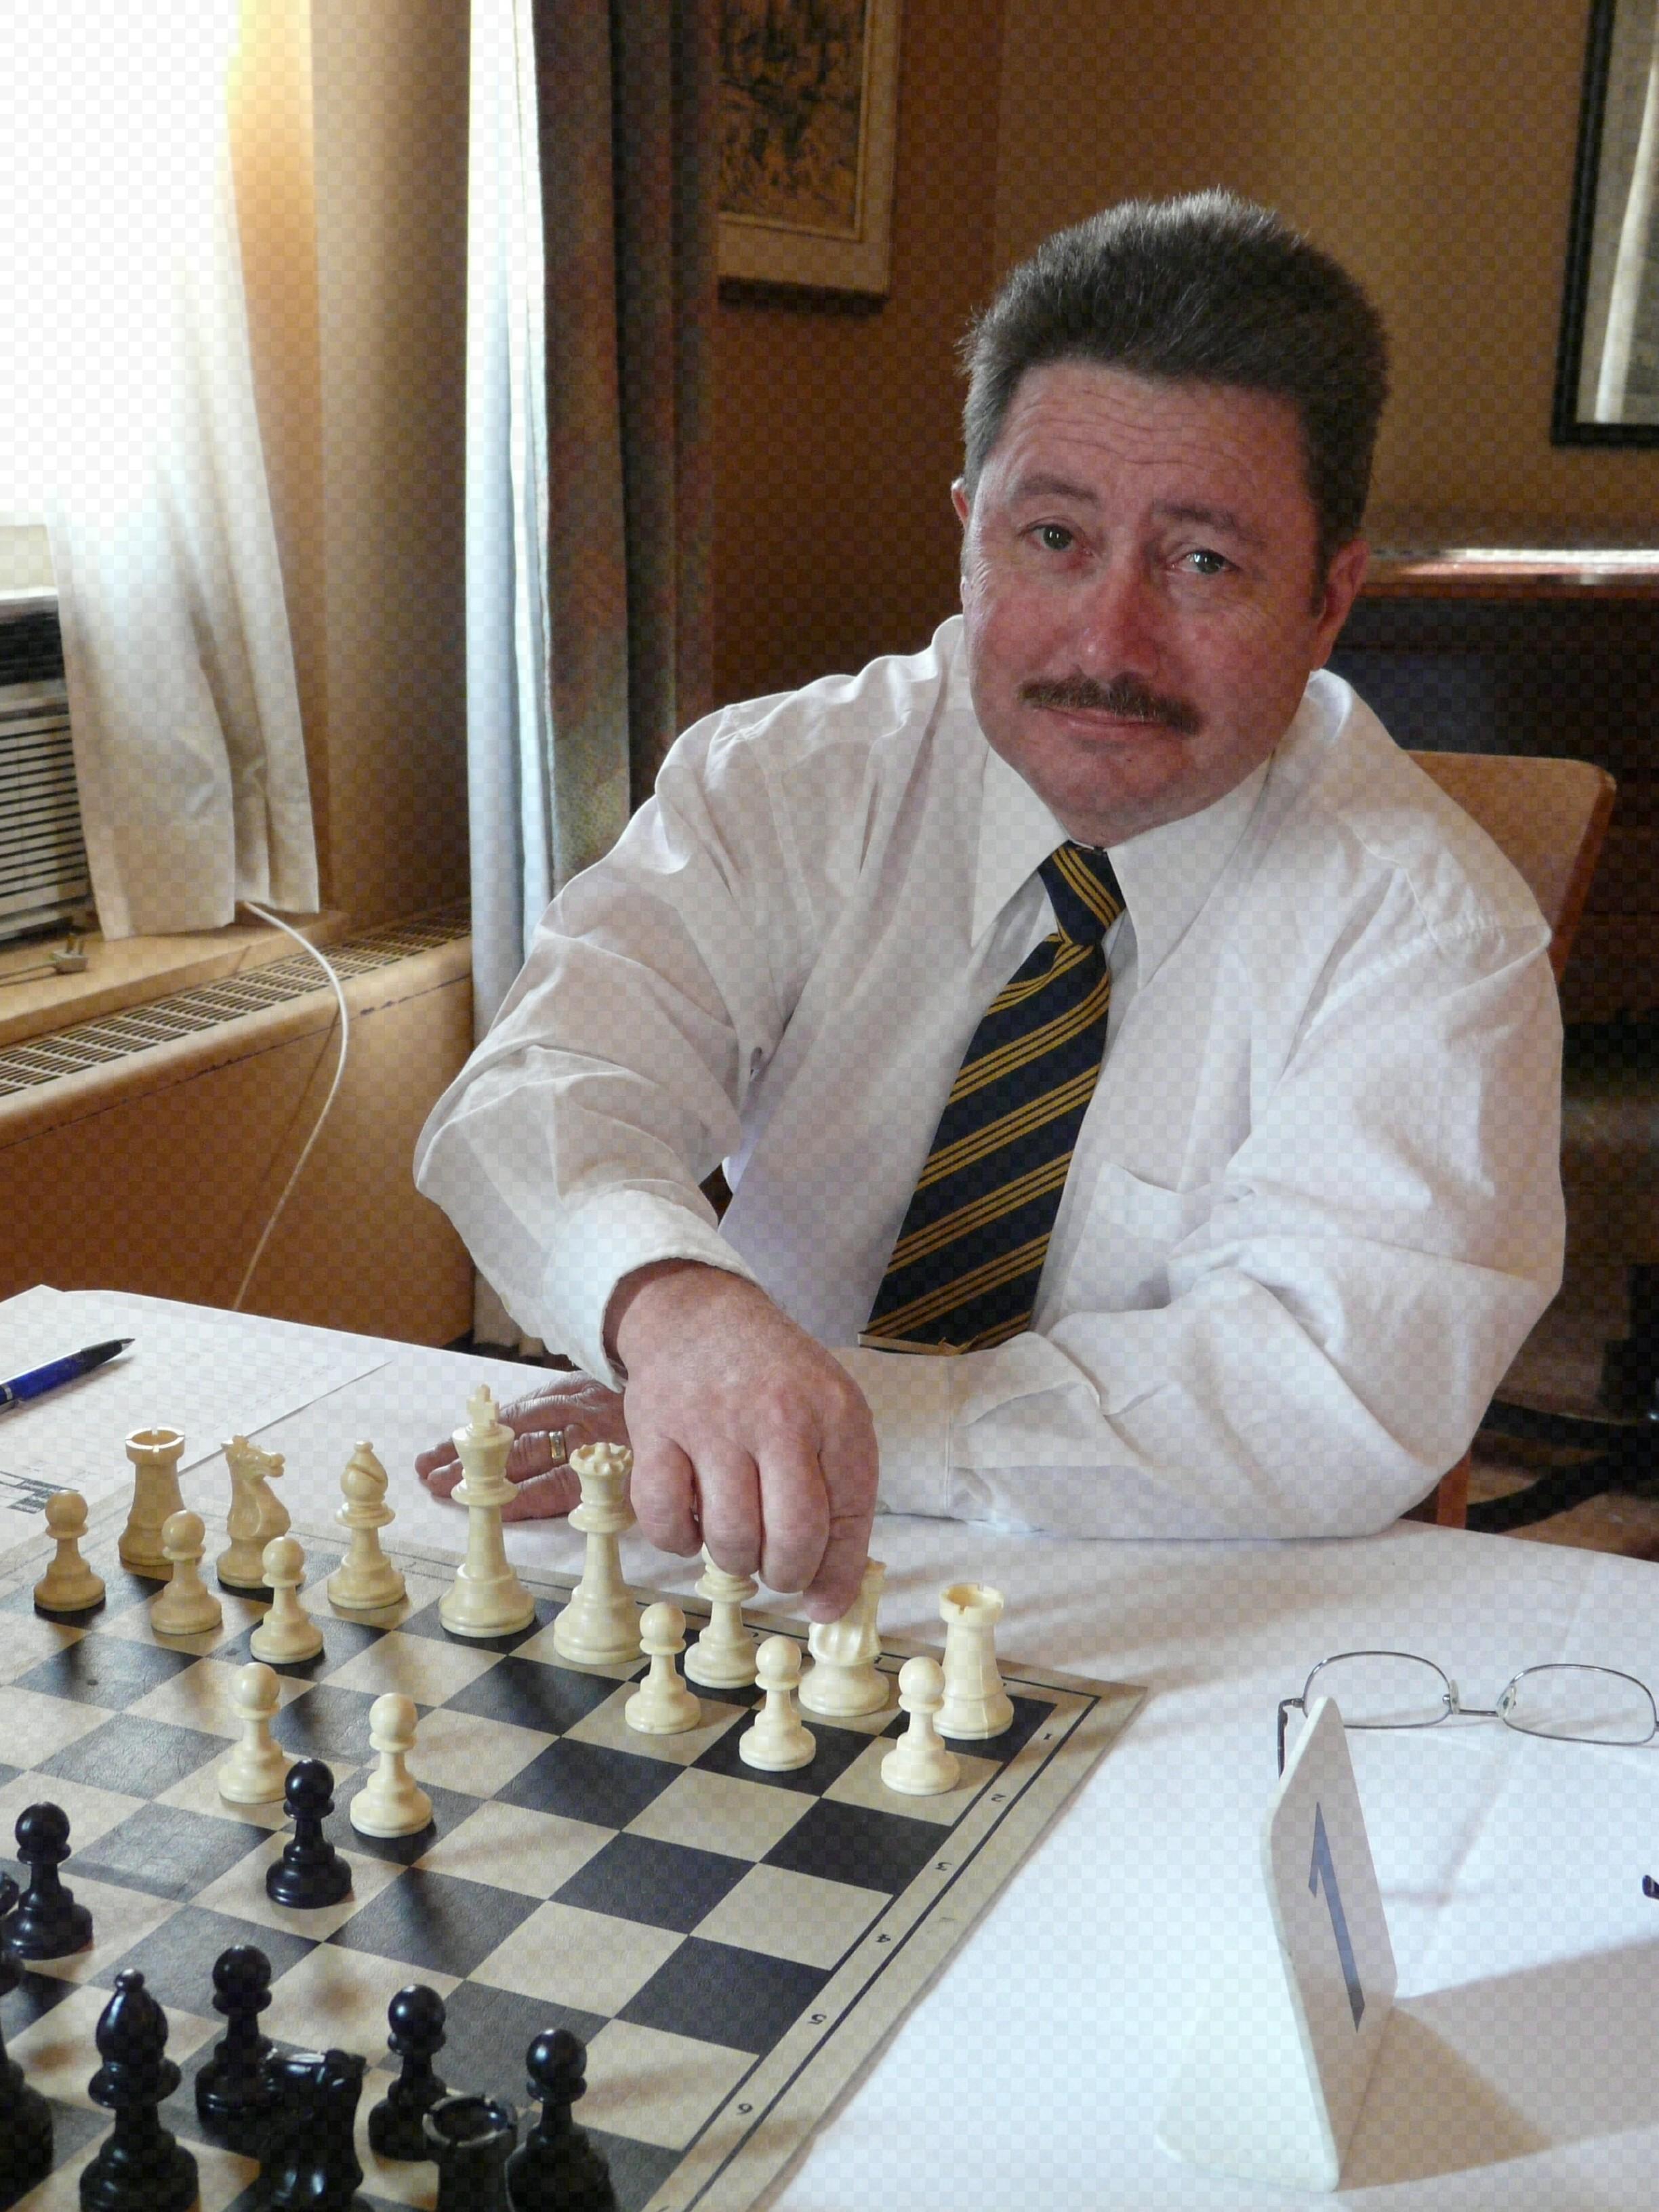 Cpl. (Retired) Roger Lebrun